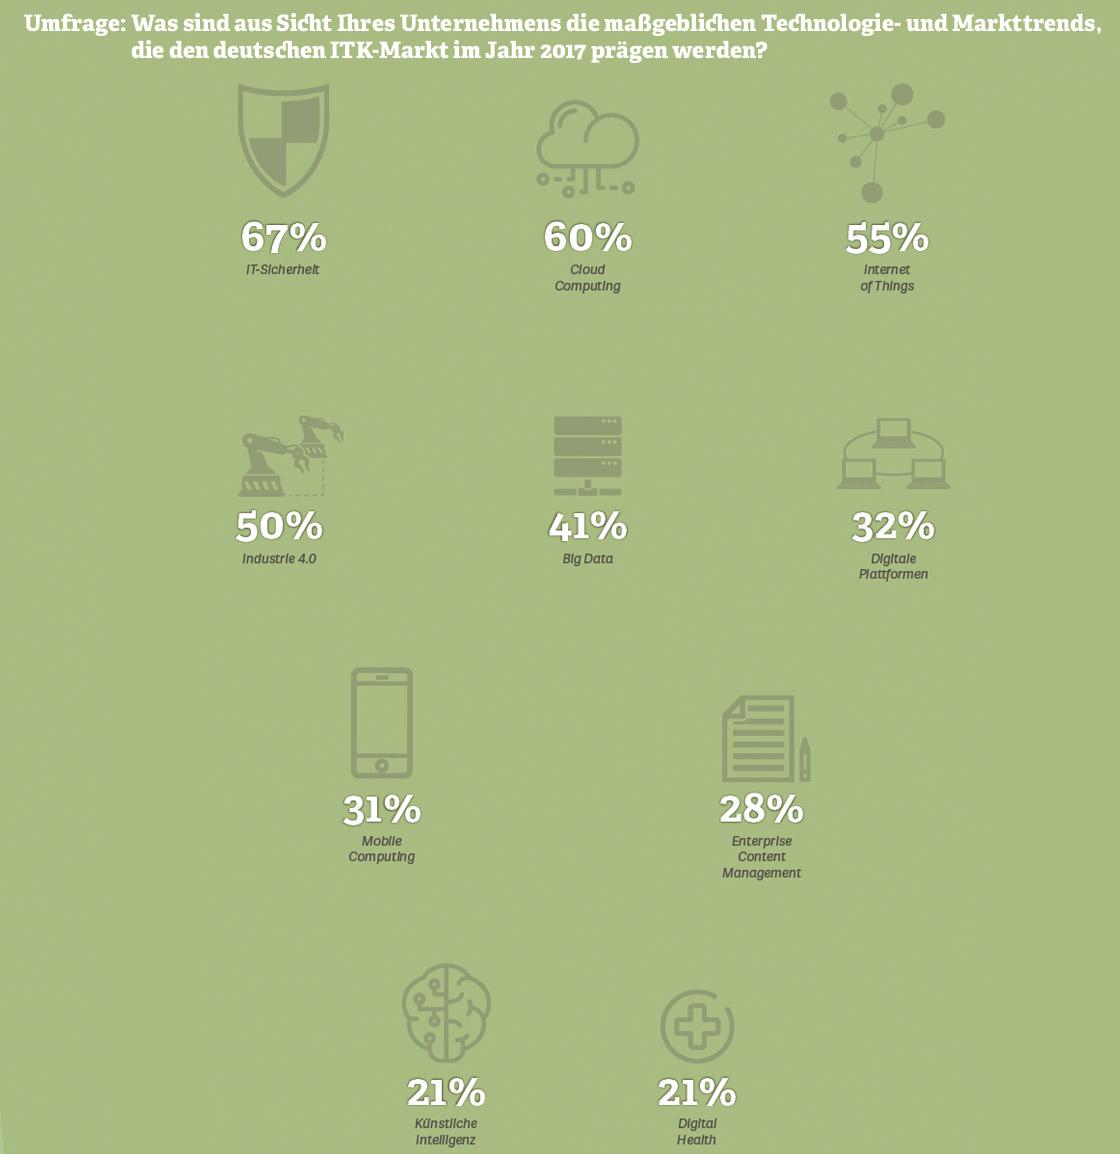 Grafik: Maßgebliche Technologie- und Markttrends, die den deutschen ITK-Markt 2017 prägen werden